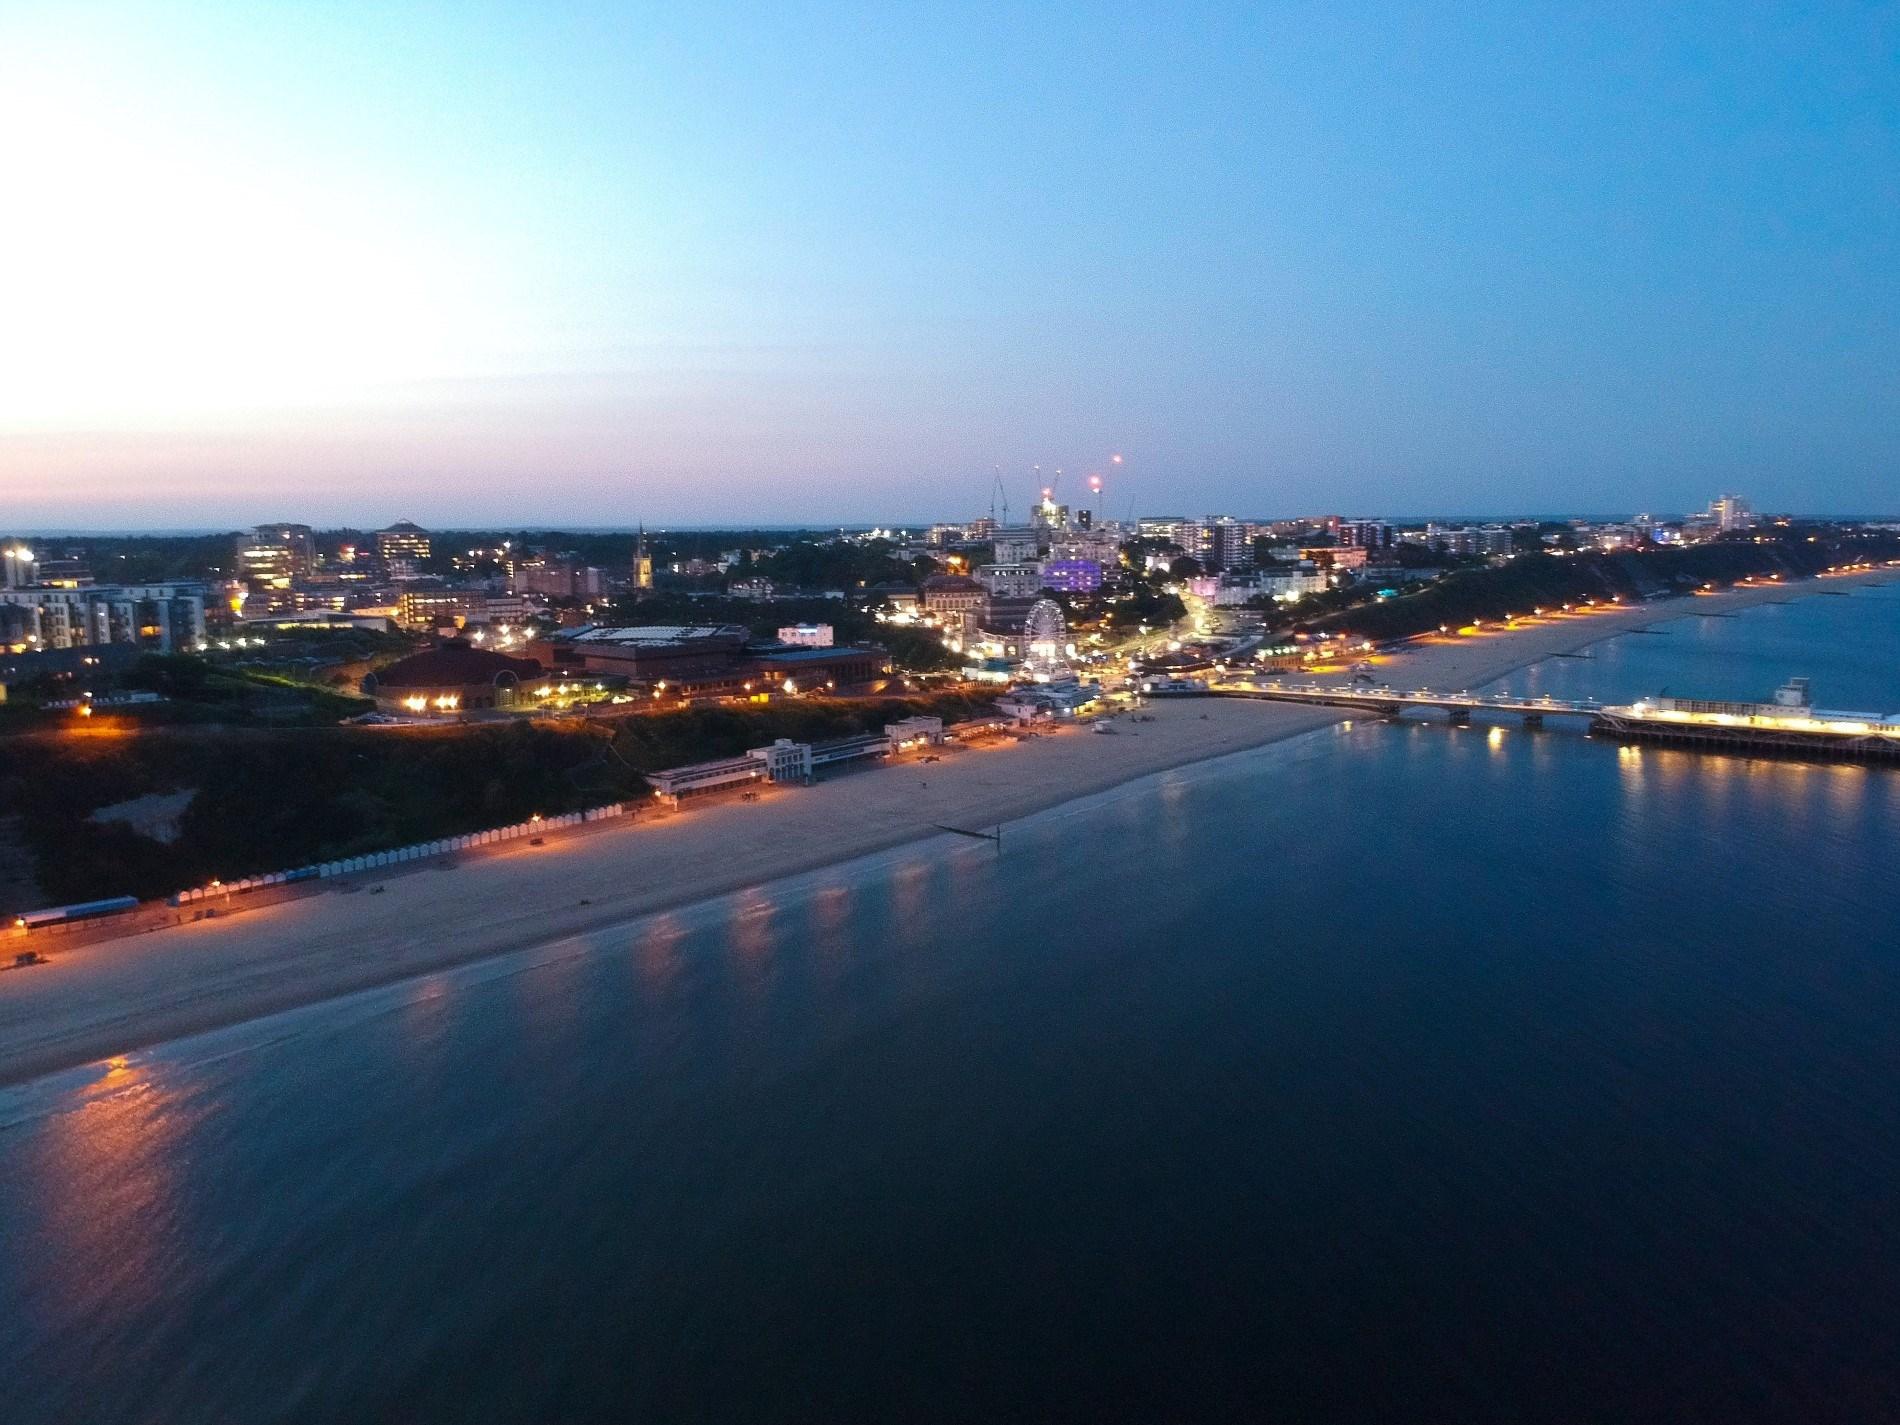 Night time views across Bournemouth